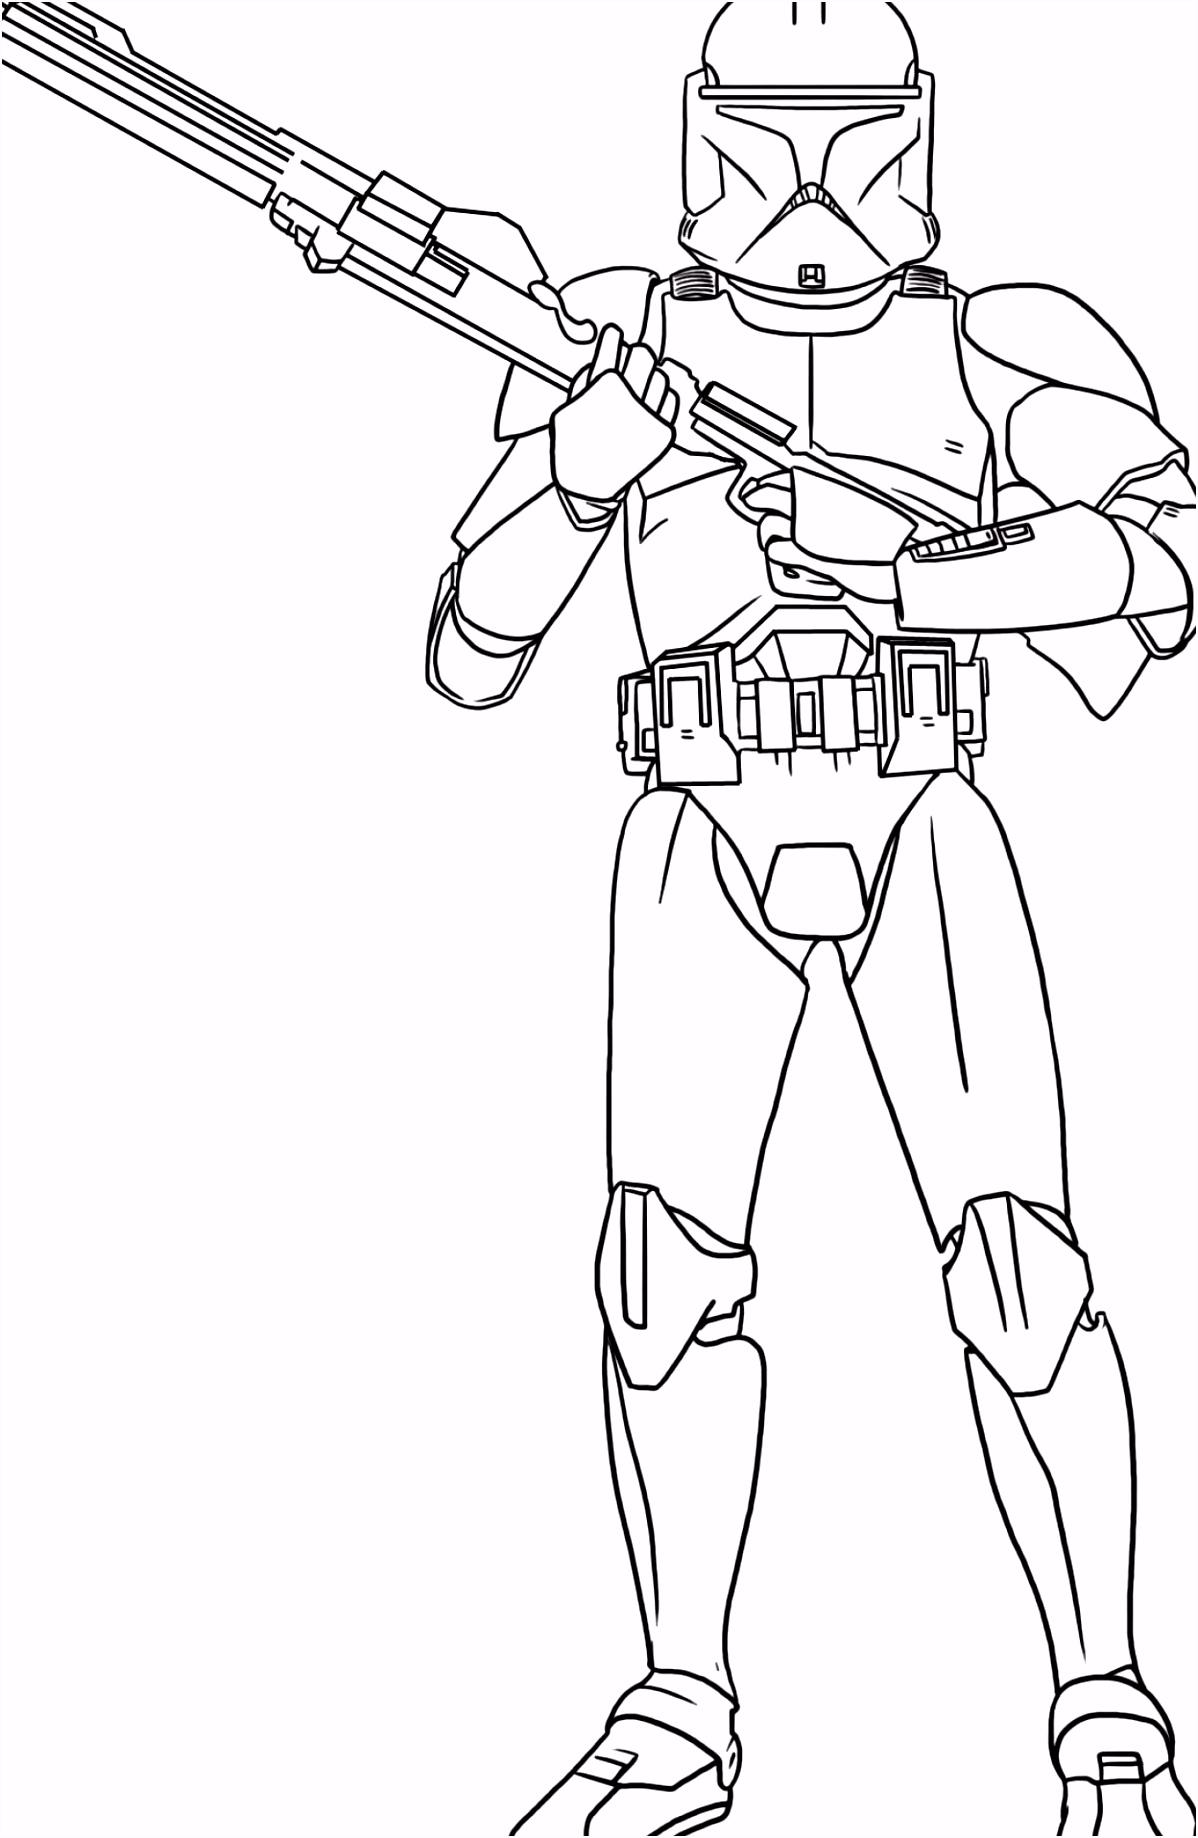 Kleurplaten Star Wars Star Wars Clone Trooper Kleurplaten U2gt01lyn6 Bukyh2enms